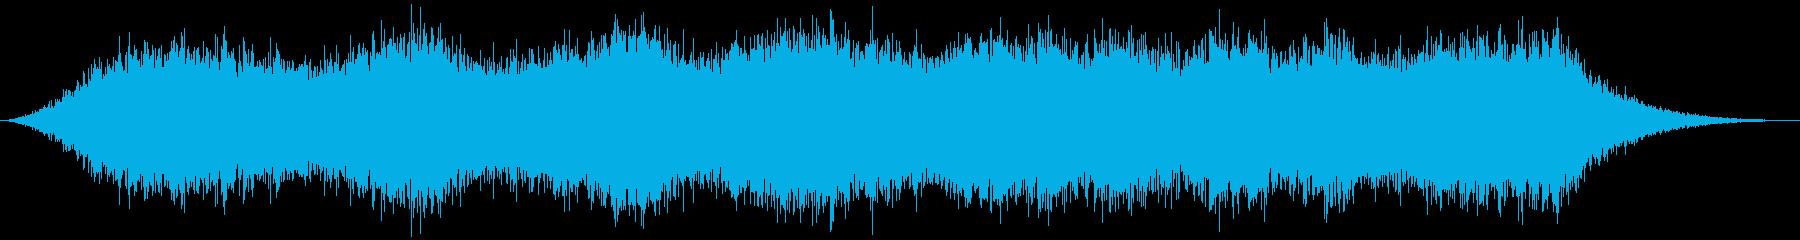 PADS 幽霊のような風01の再生済みの波形